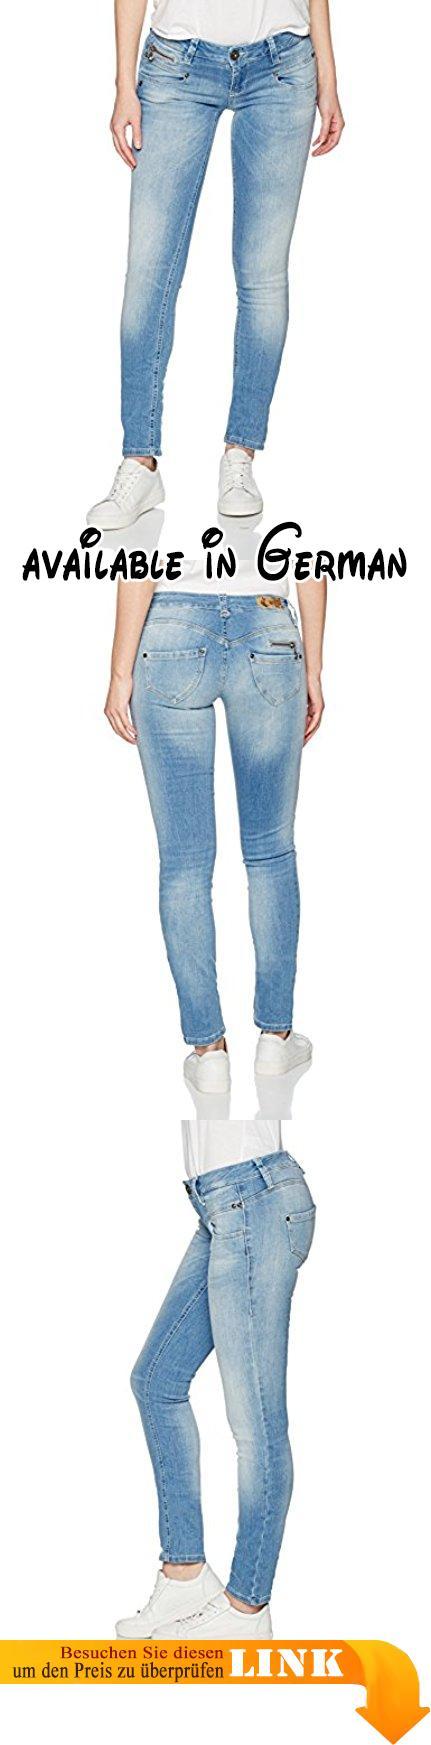 FREEMAN T.PORTER Damen Slim Jeans Alexa Slim S-SDM 00025638 273, NA